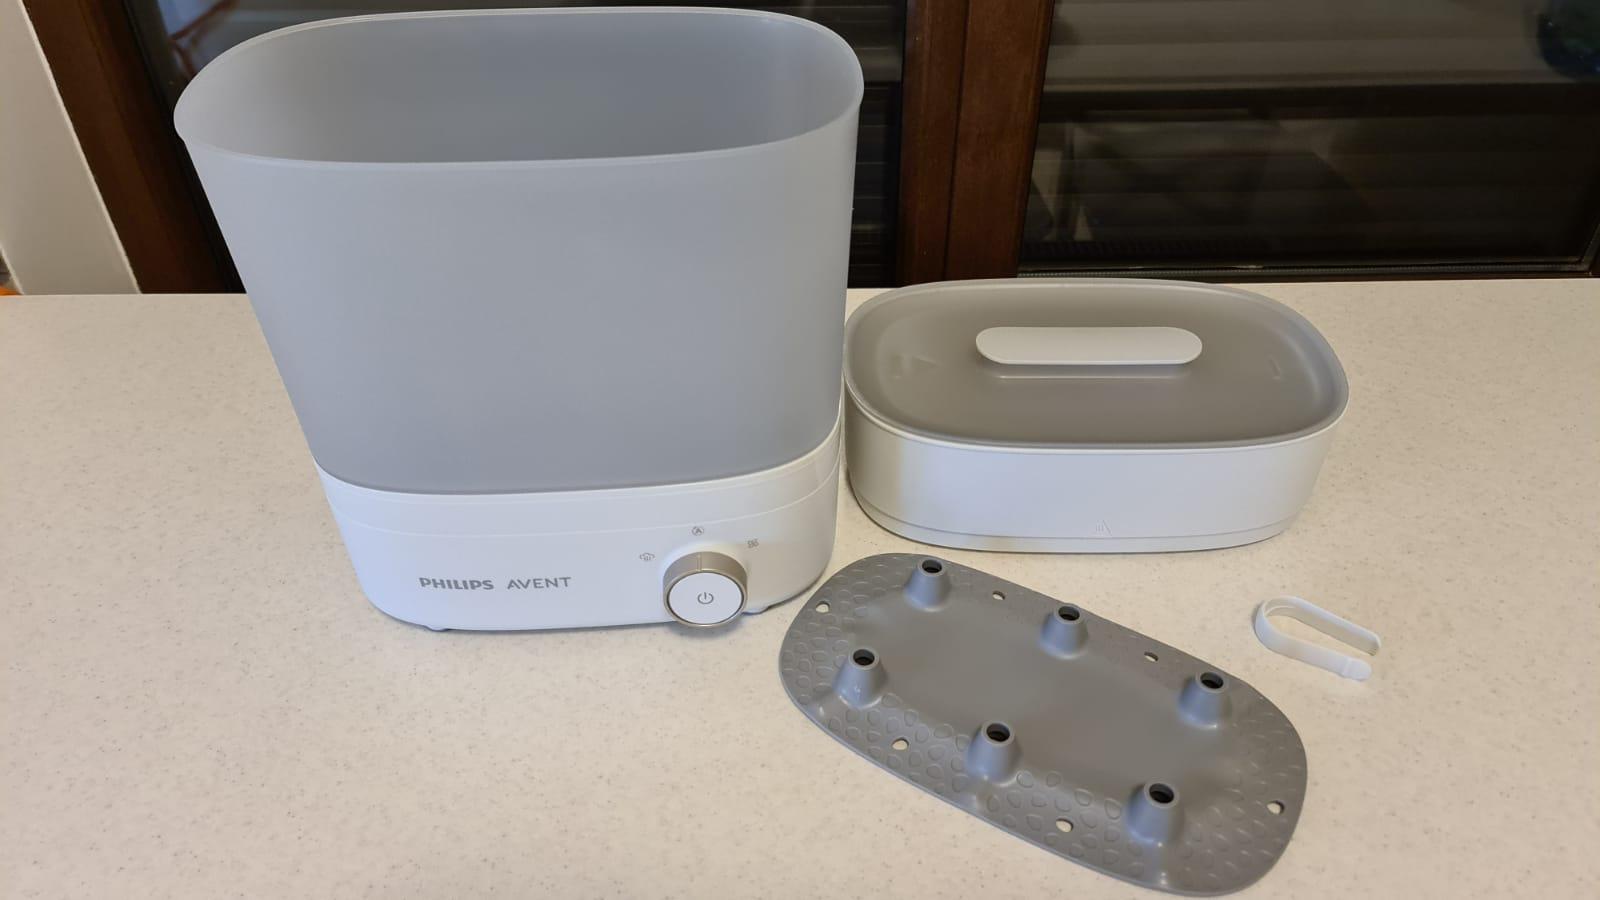 Cum spălăm, curățăm și sterilizăm echipamentul folosit la hrănirea bebelușului? Un start sănătos pentru copilul tău | Demamici.ro